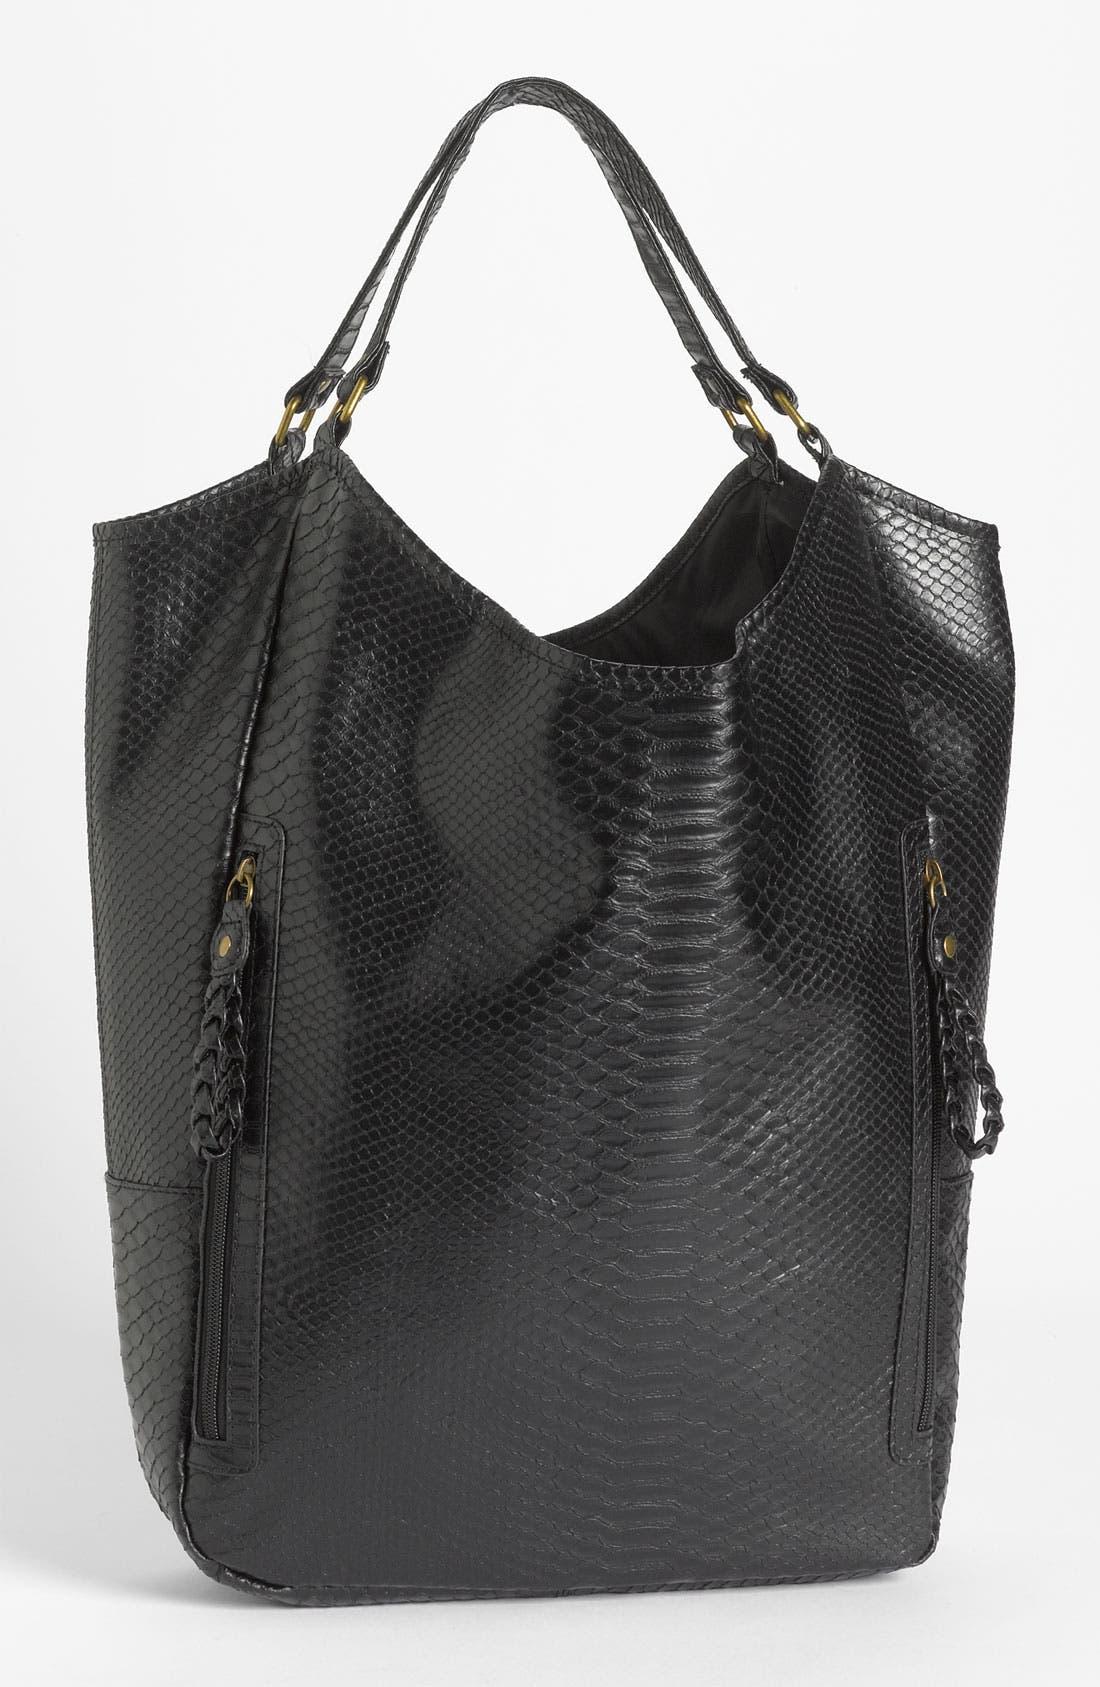 Main Image - Lulu Snake Embossed Tote Bag